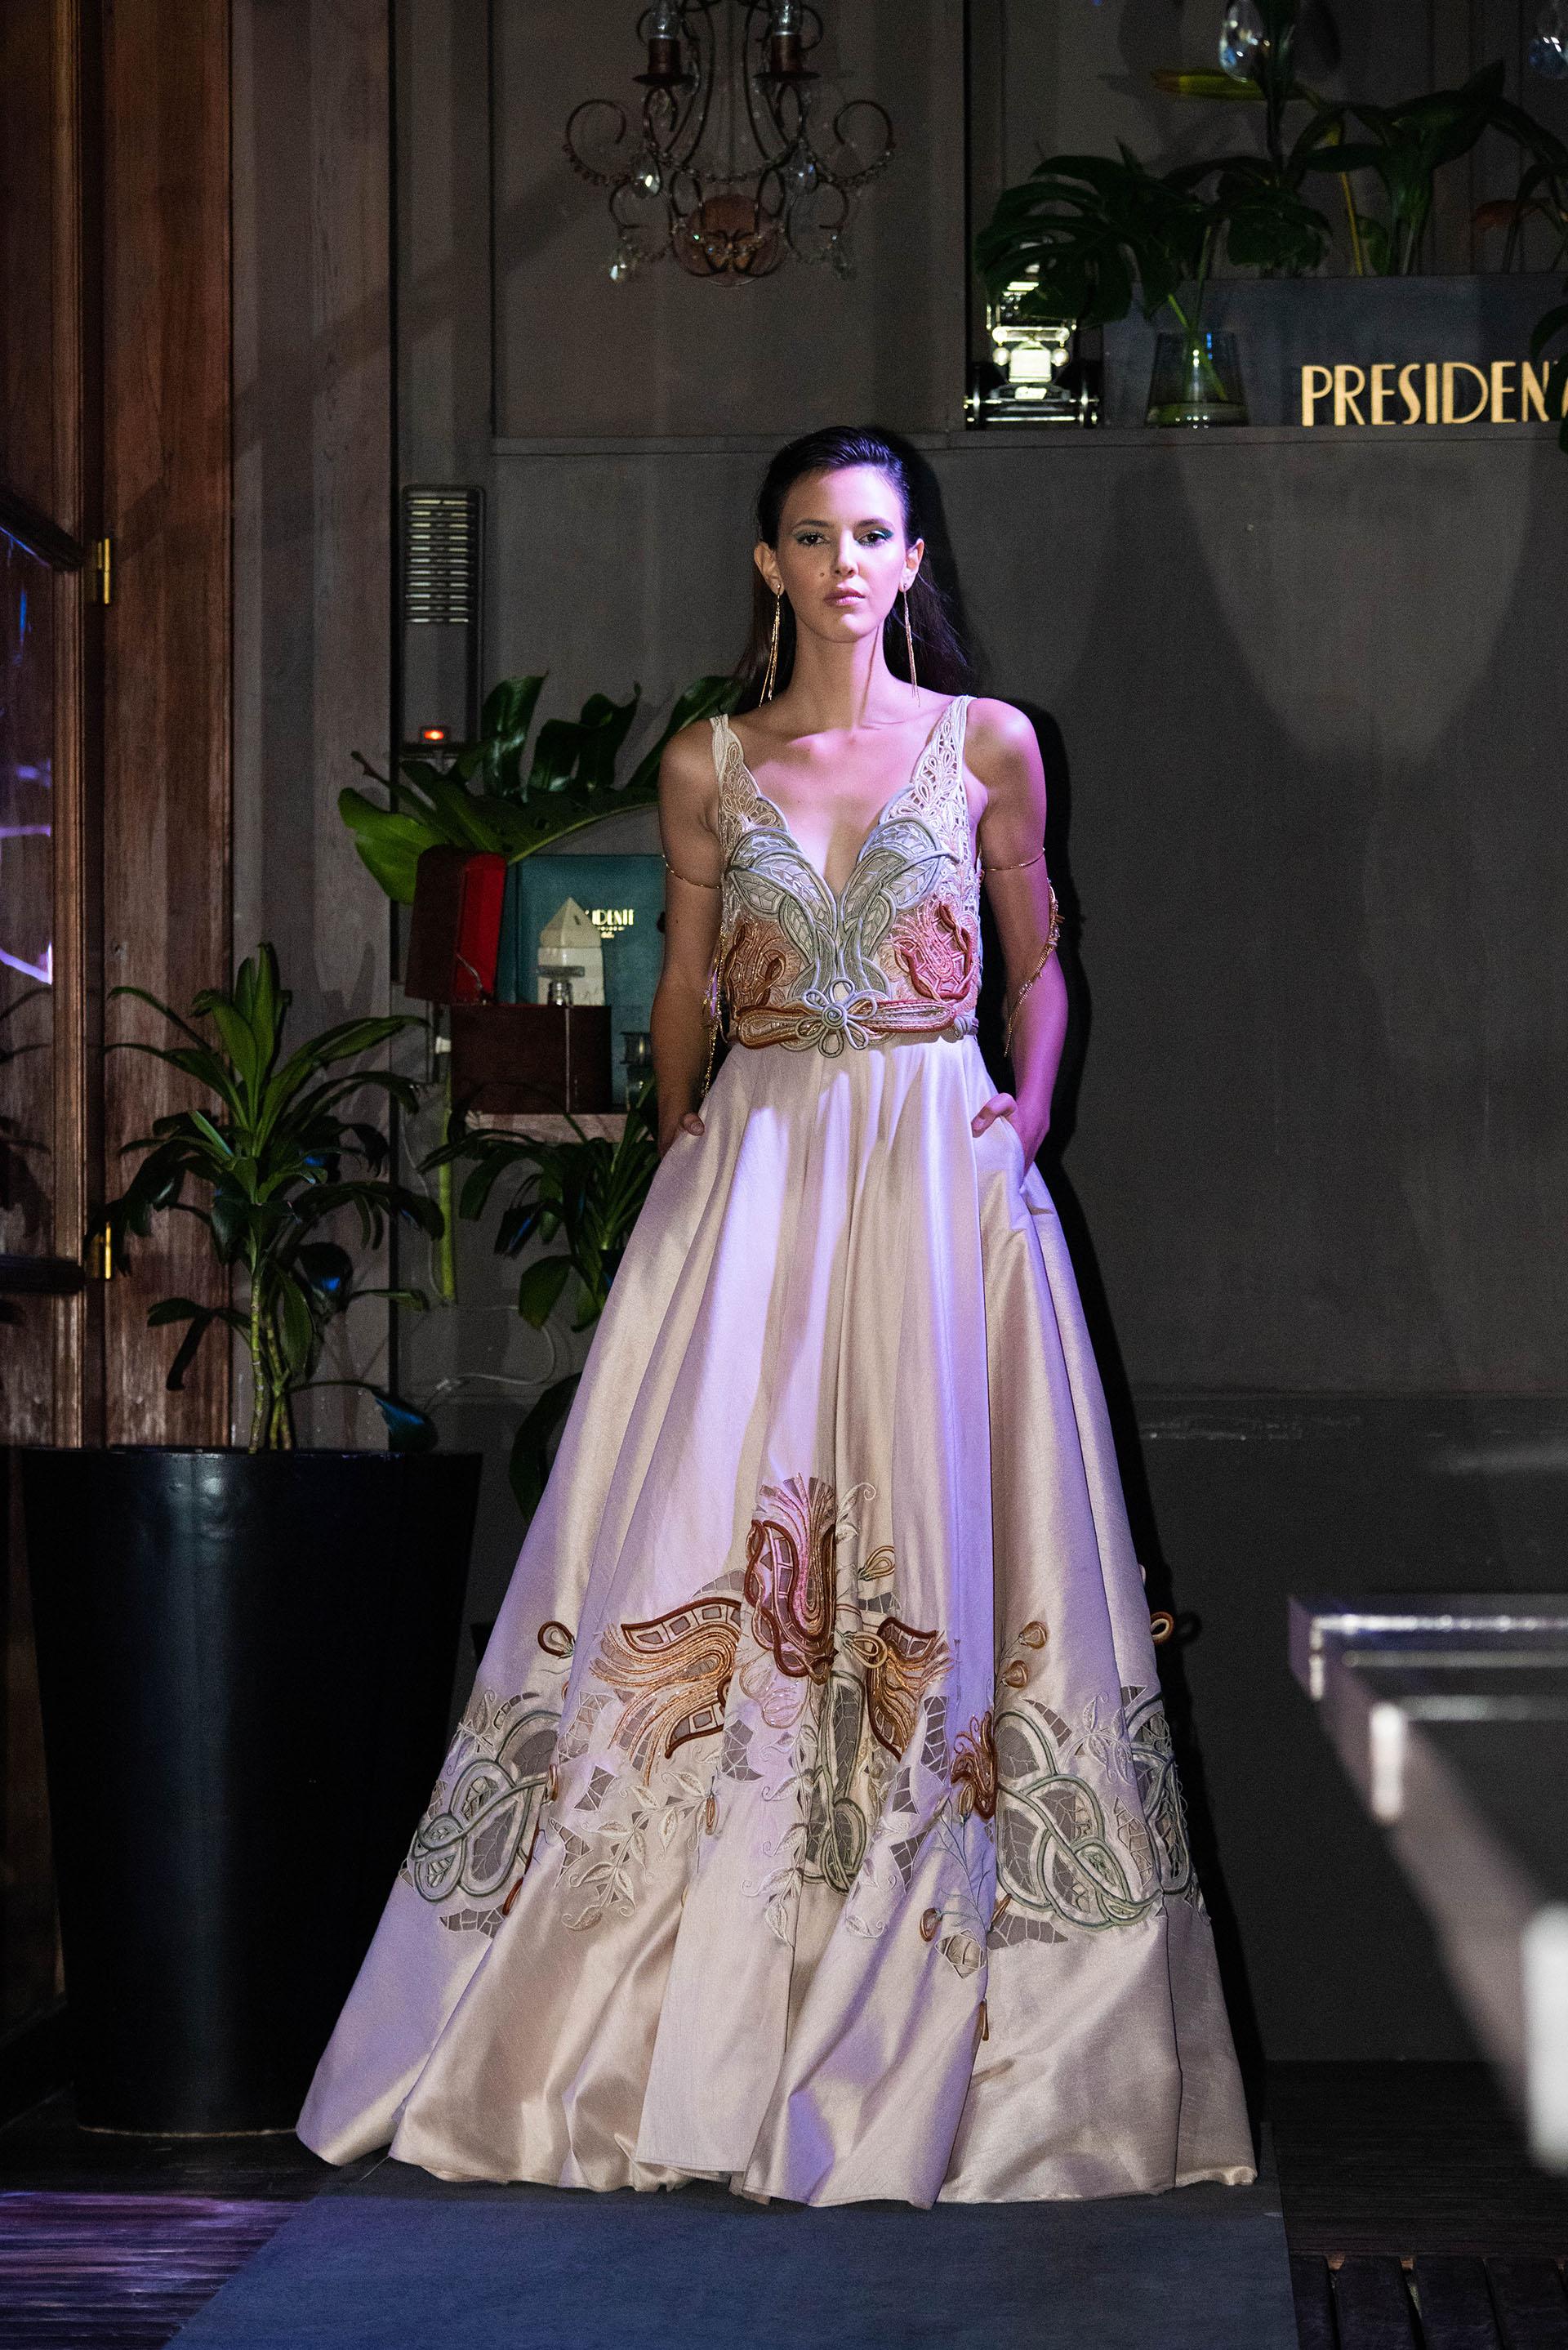 Vestido con elementos bordados realizados 100% de manera artesanal